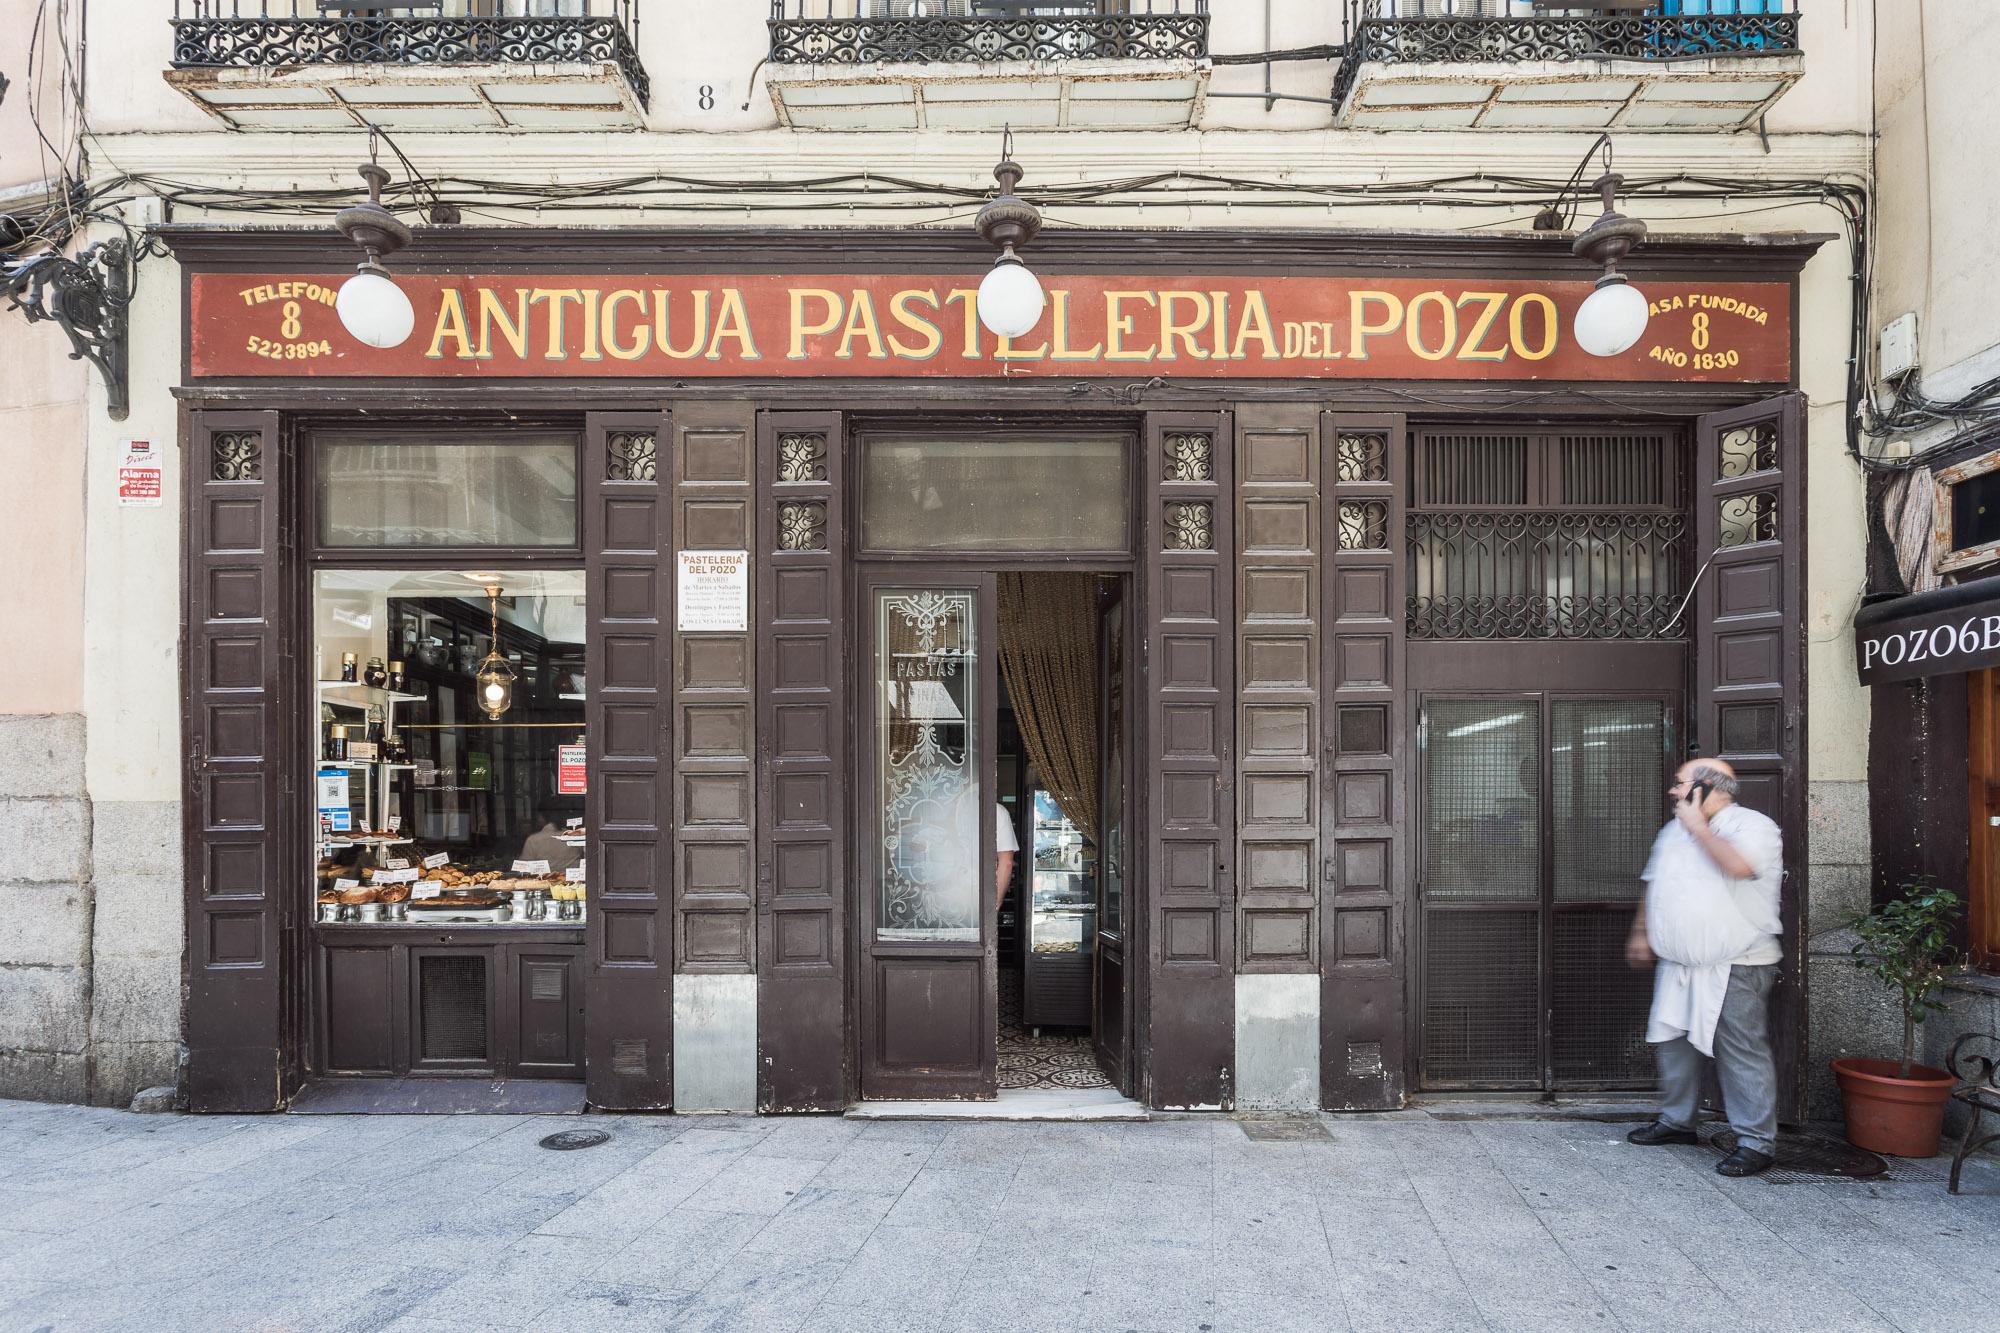 Desde 1830 en Calle del Pozo 8, la panadería más antigua de España.